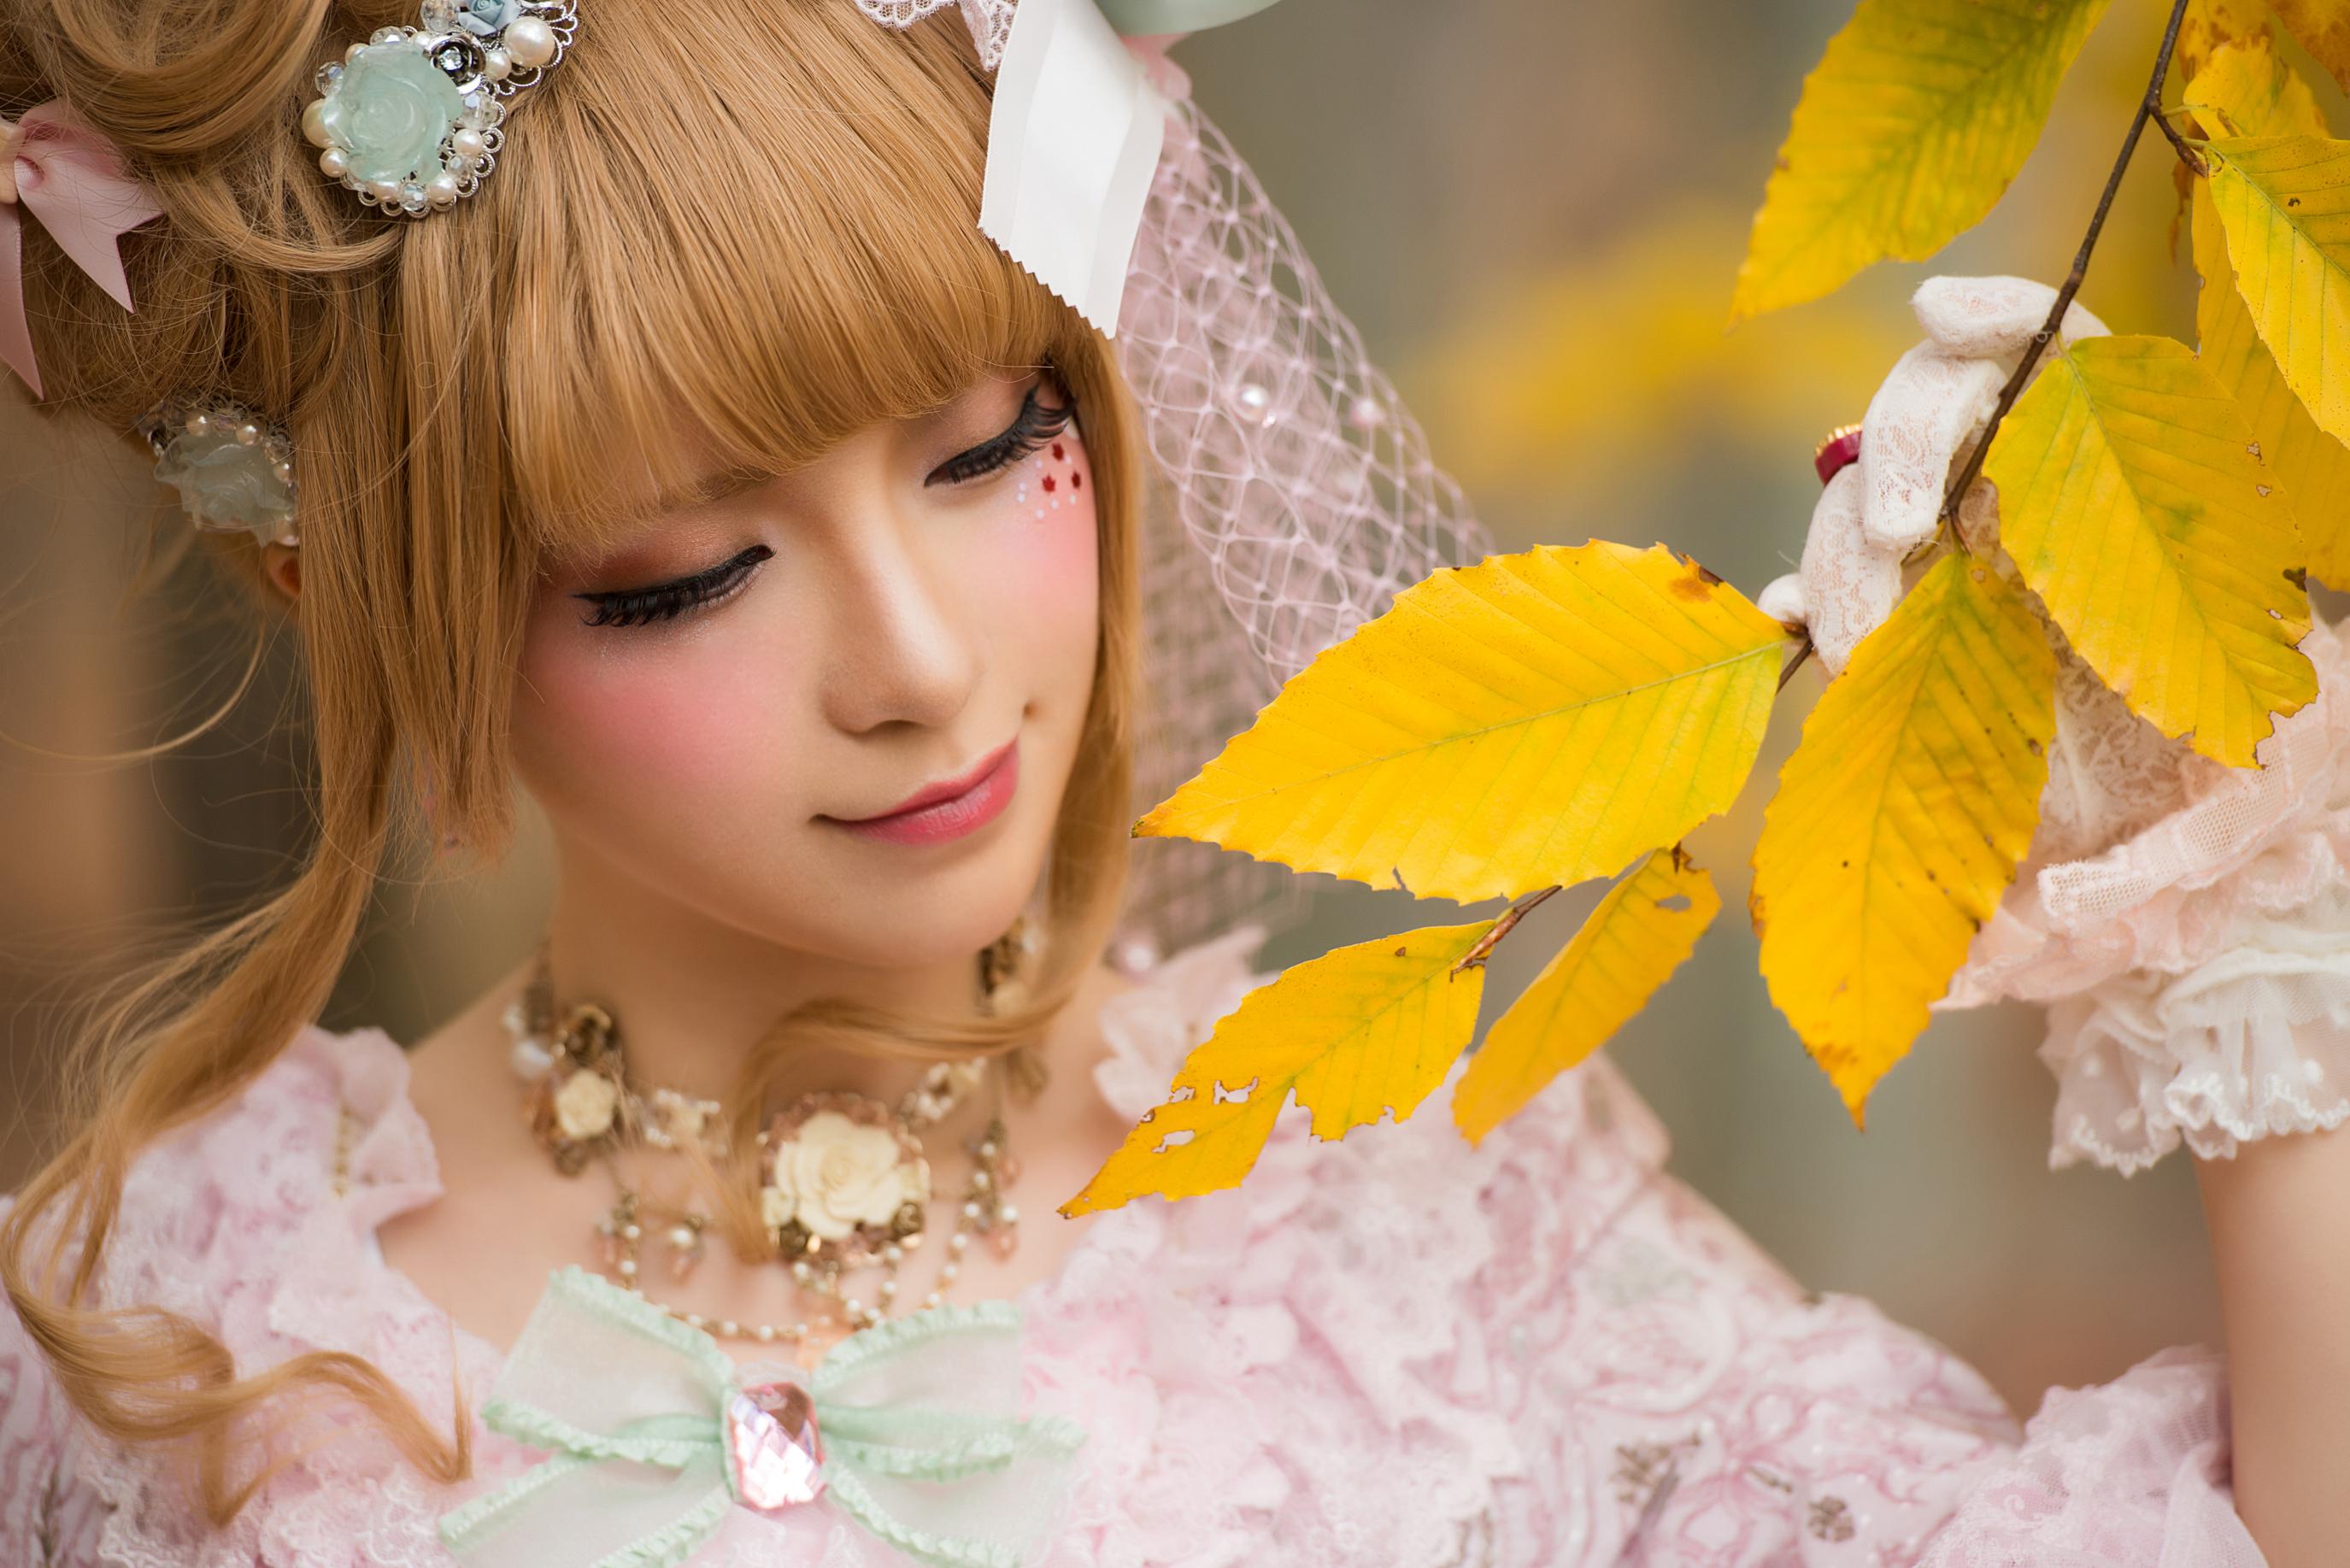 LolitaFashion_by_CurtisPan_10